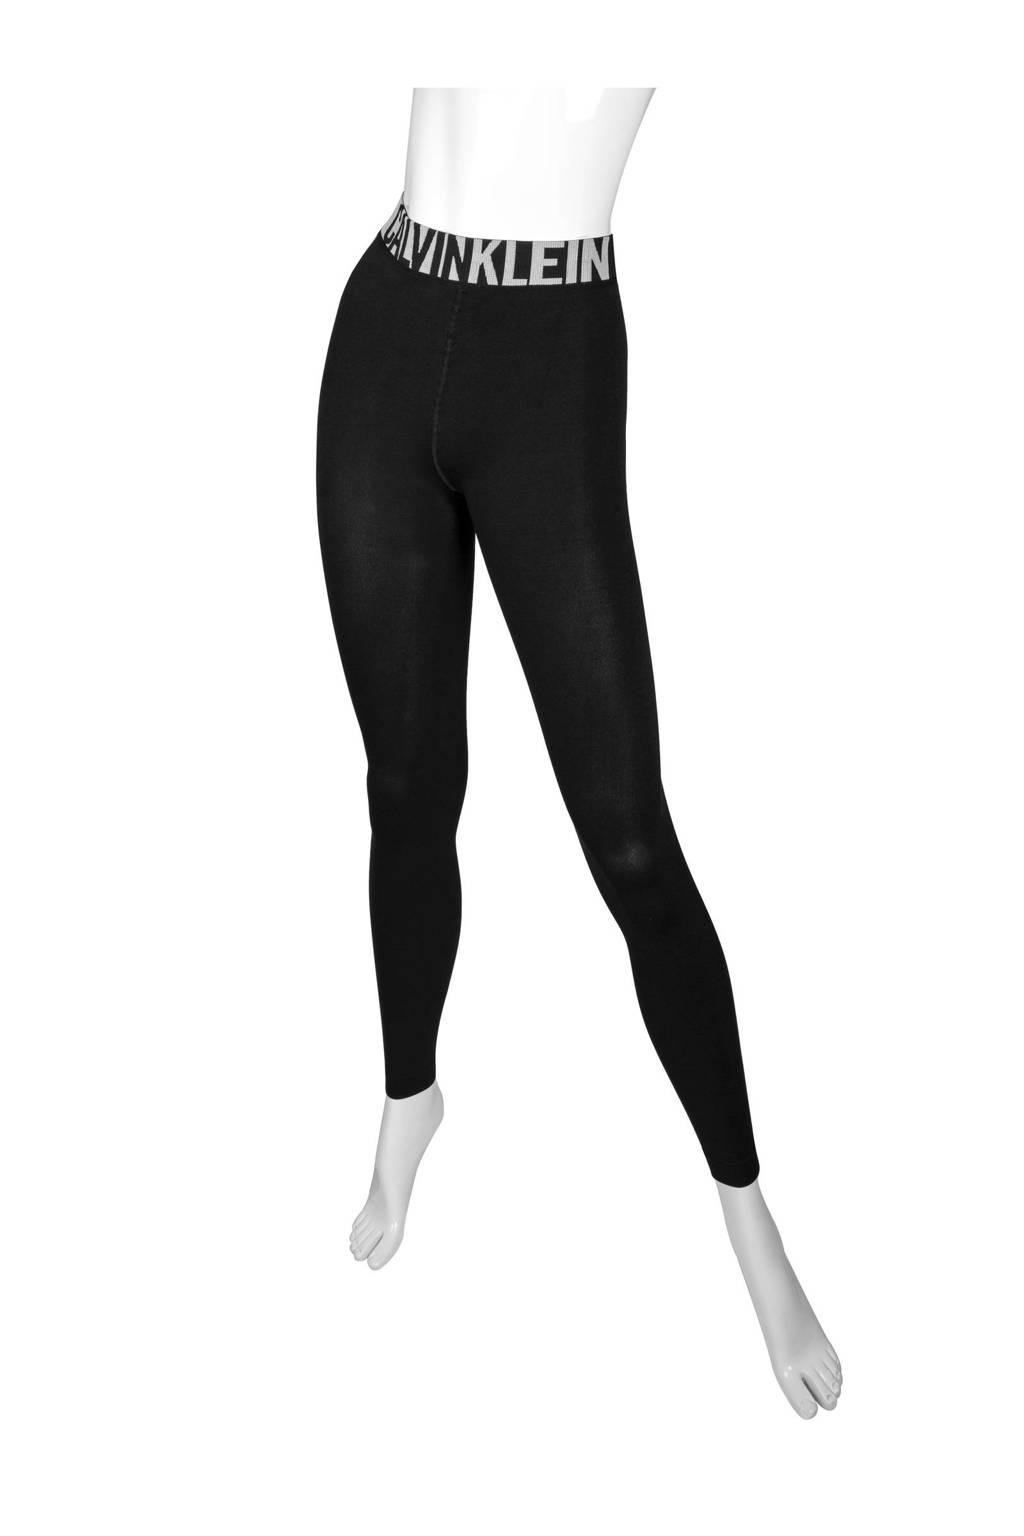 CALVIN KLEIN panty legging, Zwart/wit